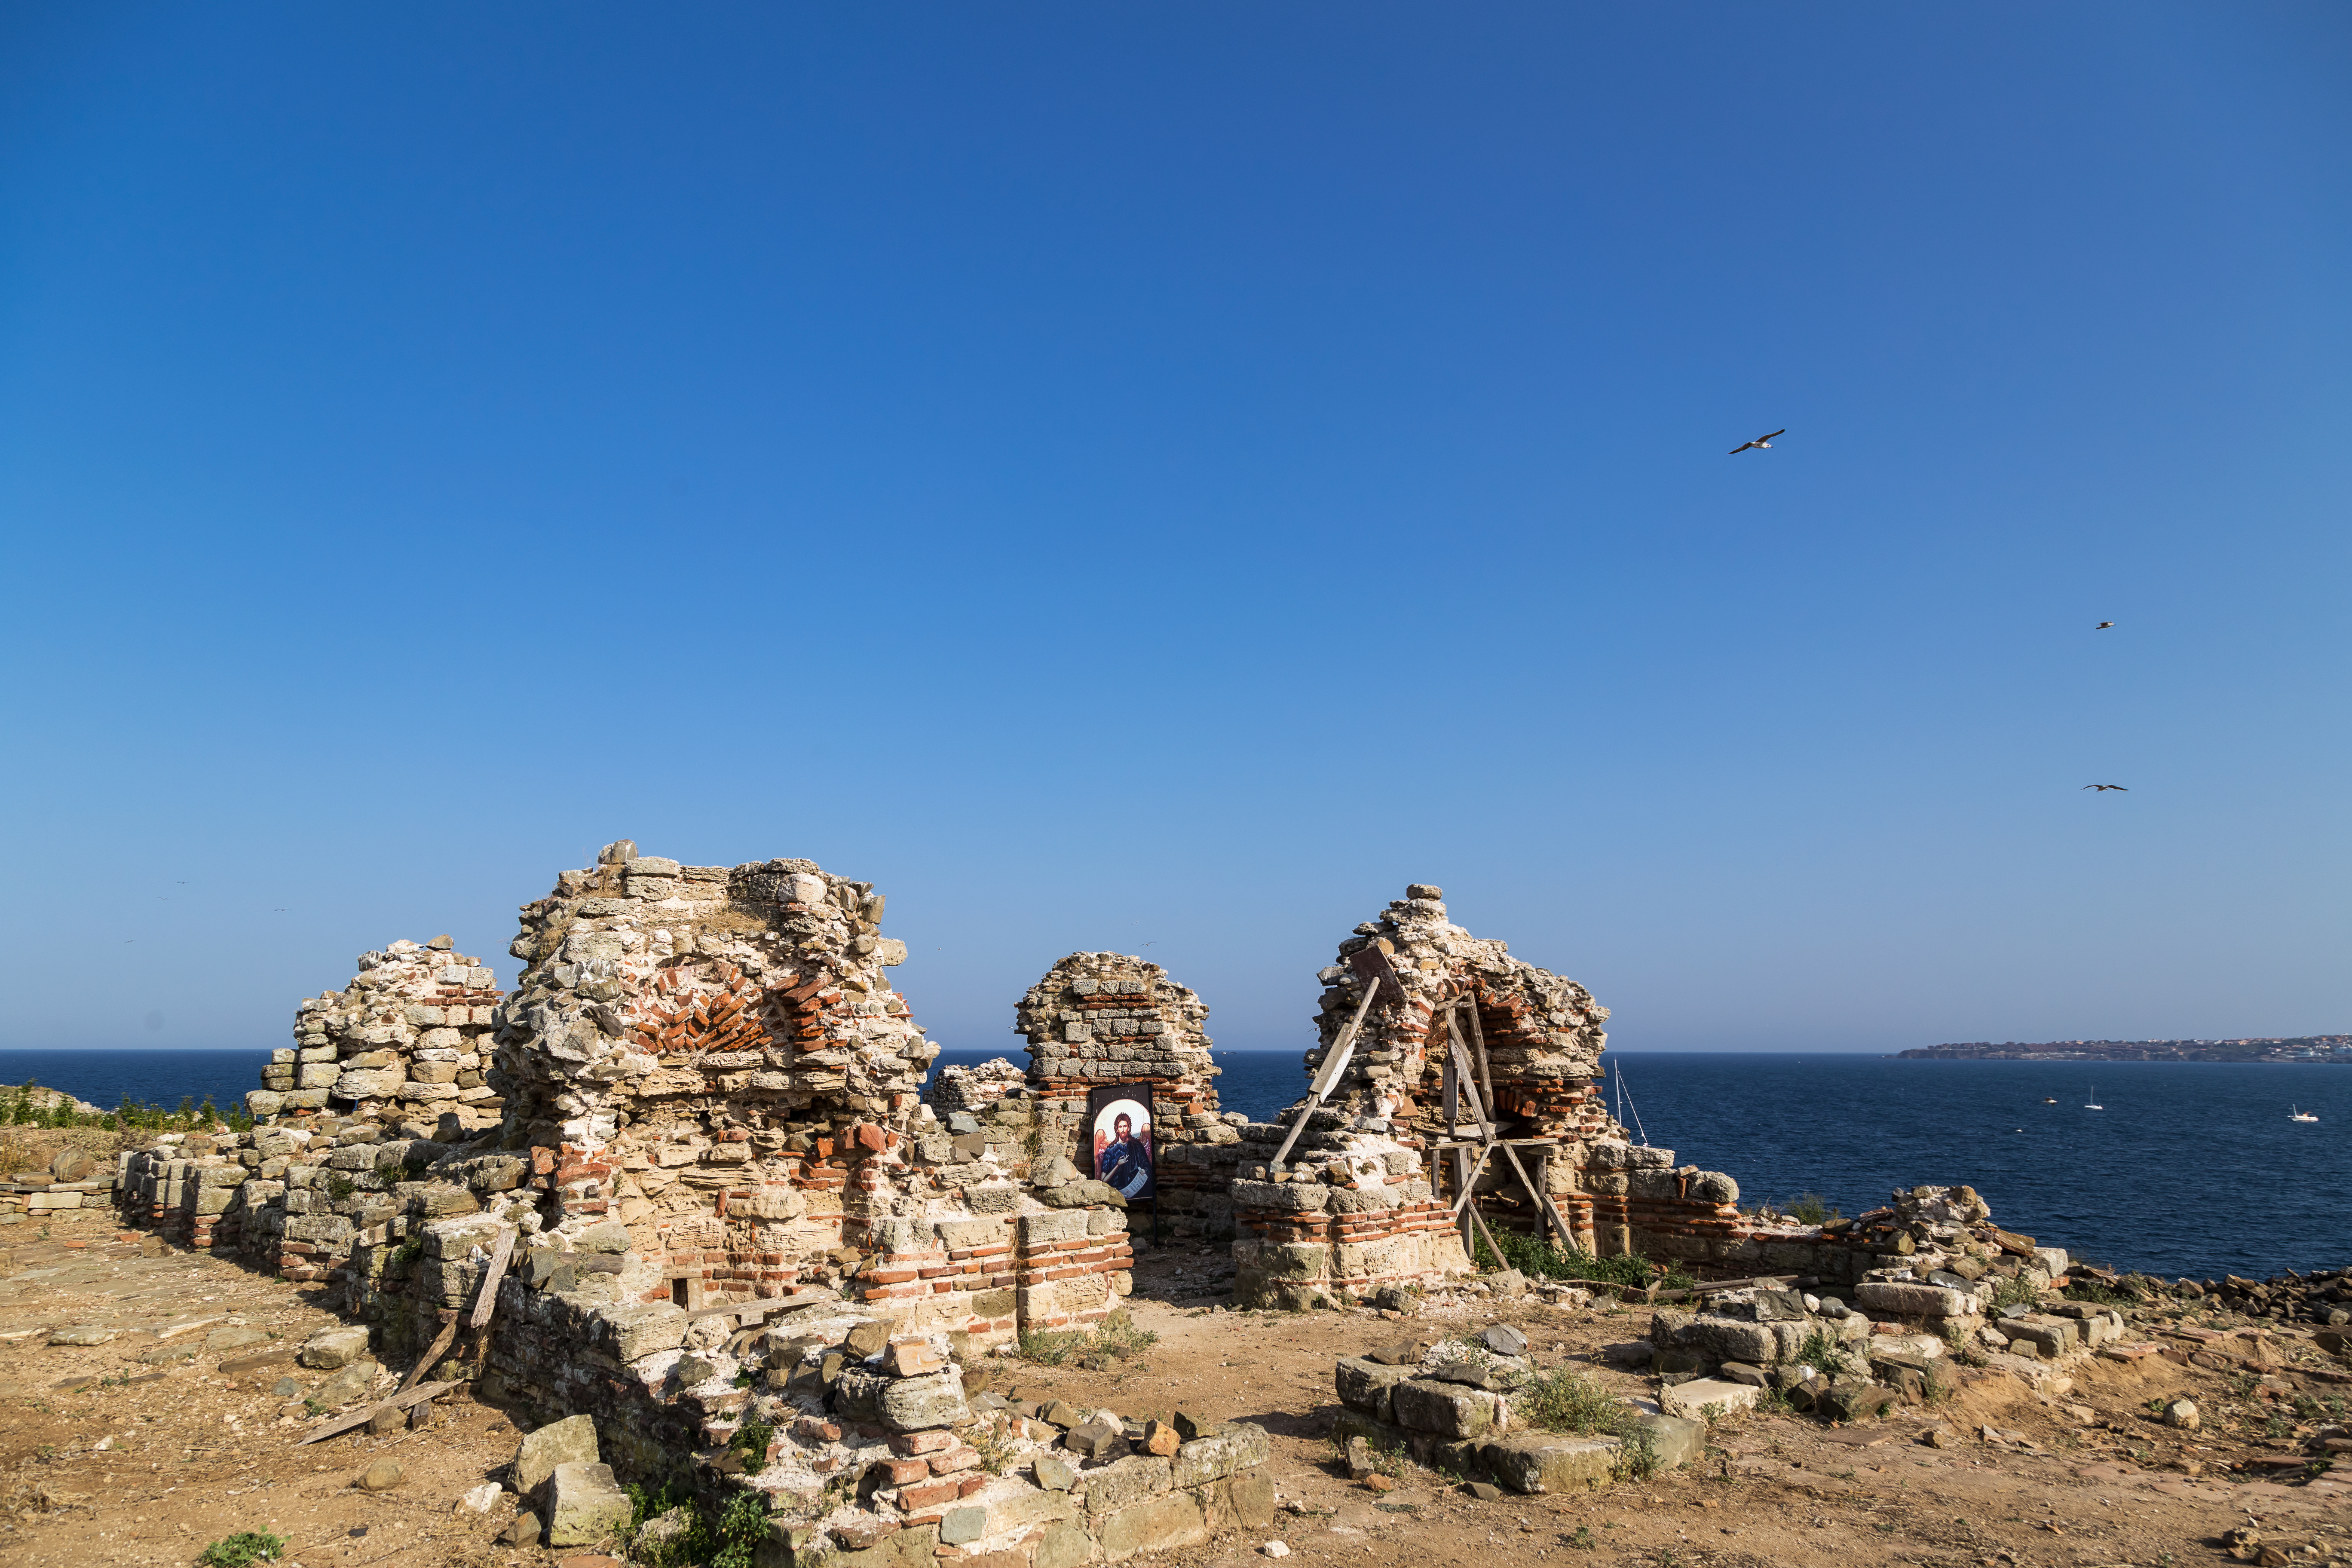 Una excursión en barco en busca de San Juan Bautista - Bulgaria Circuito Bulgaria artística